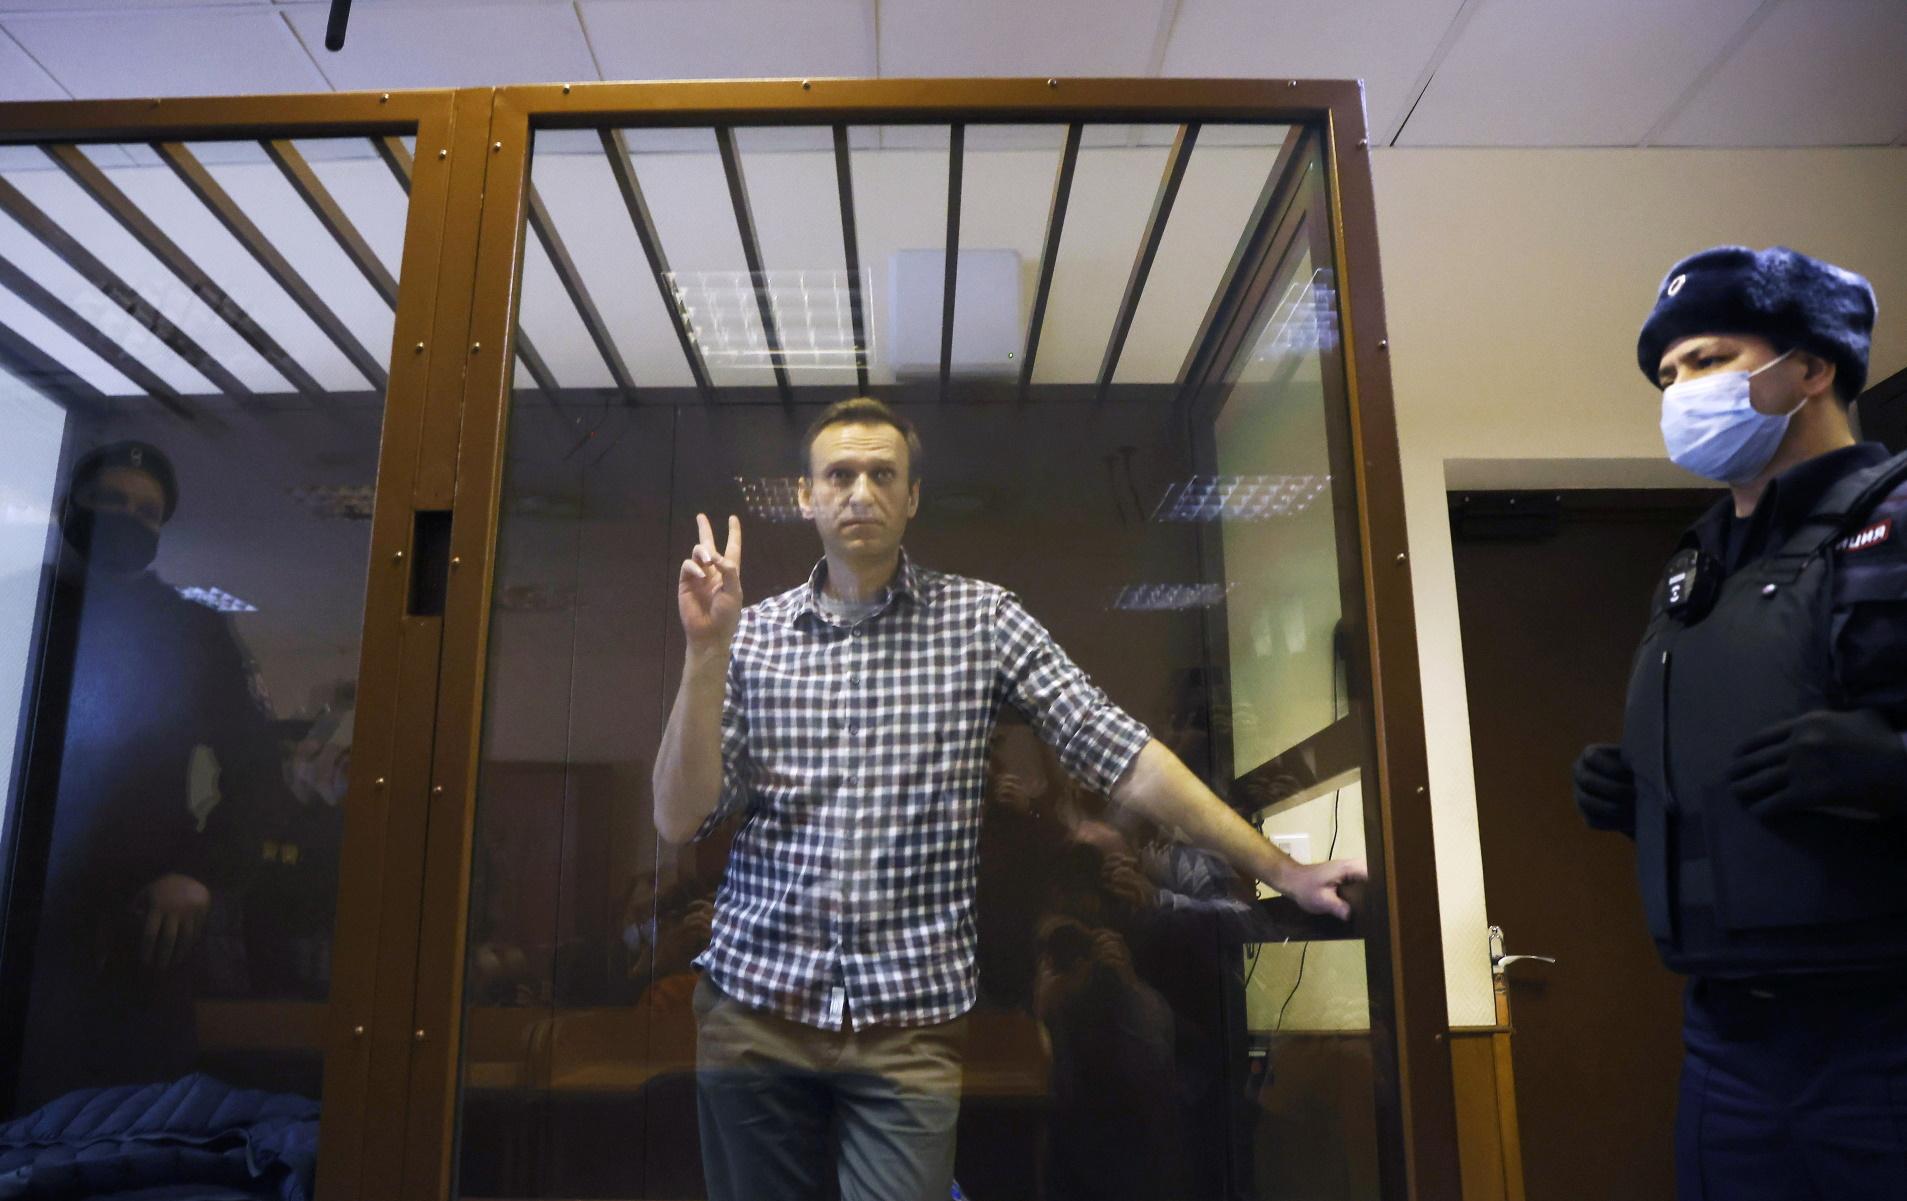 Ρωσία: Σταματά την απεργία πείνας στη φυλακή ο Αλεξέι Ναβάλνι